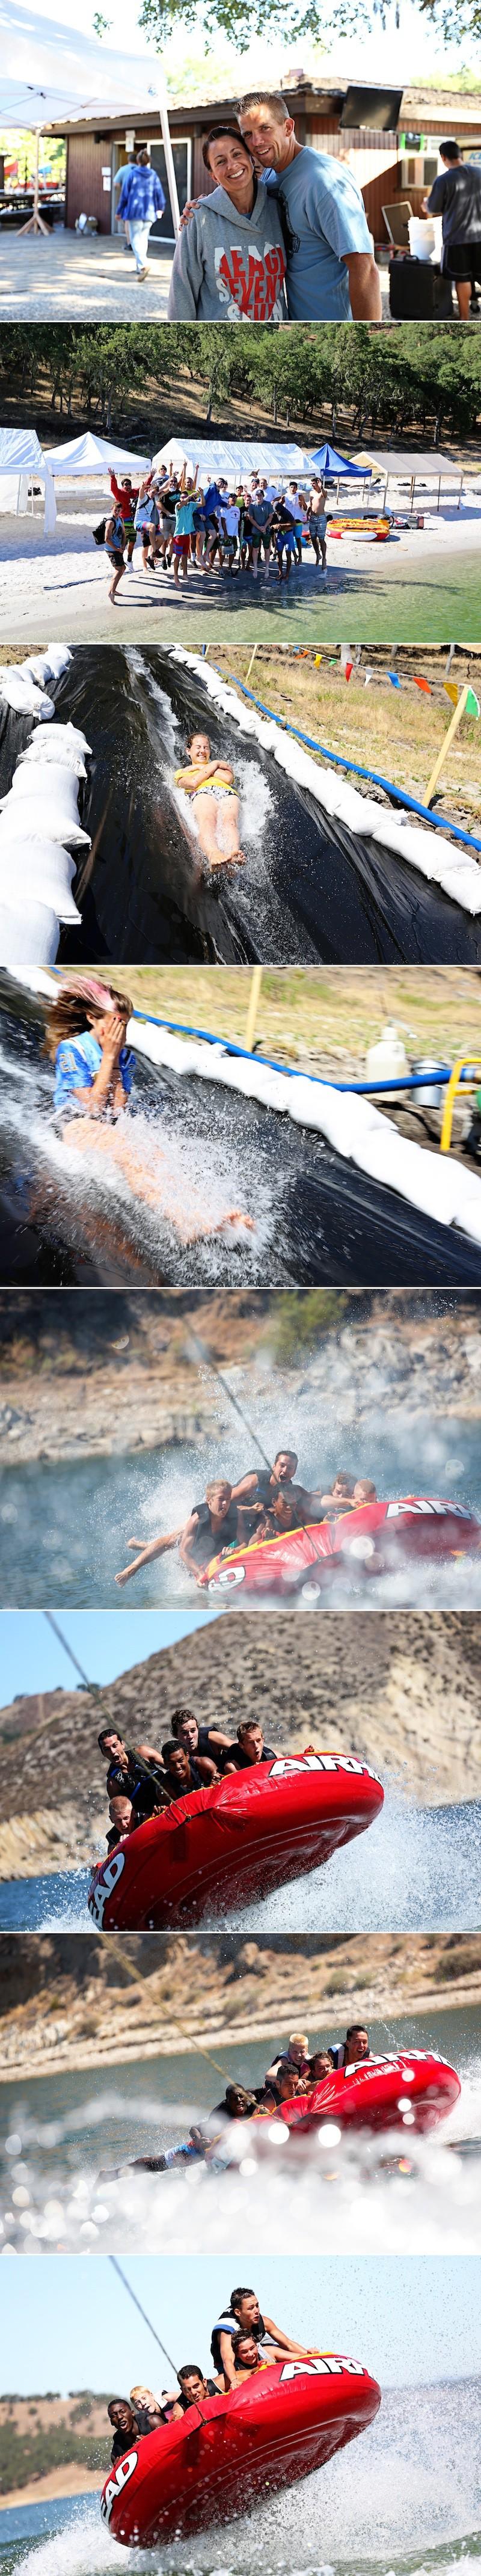 Summer Camp 2012 - super slide